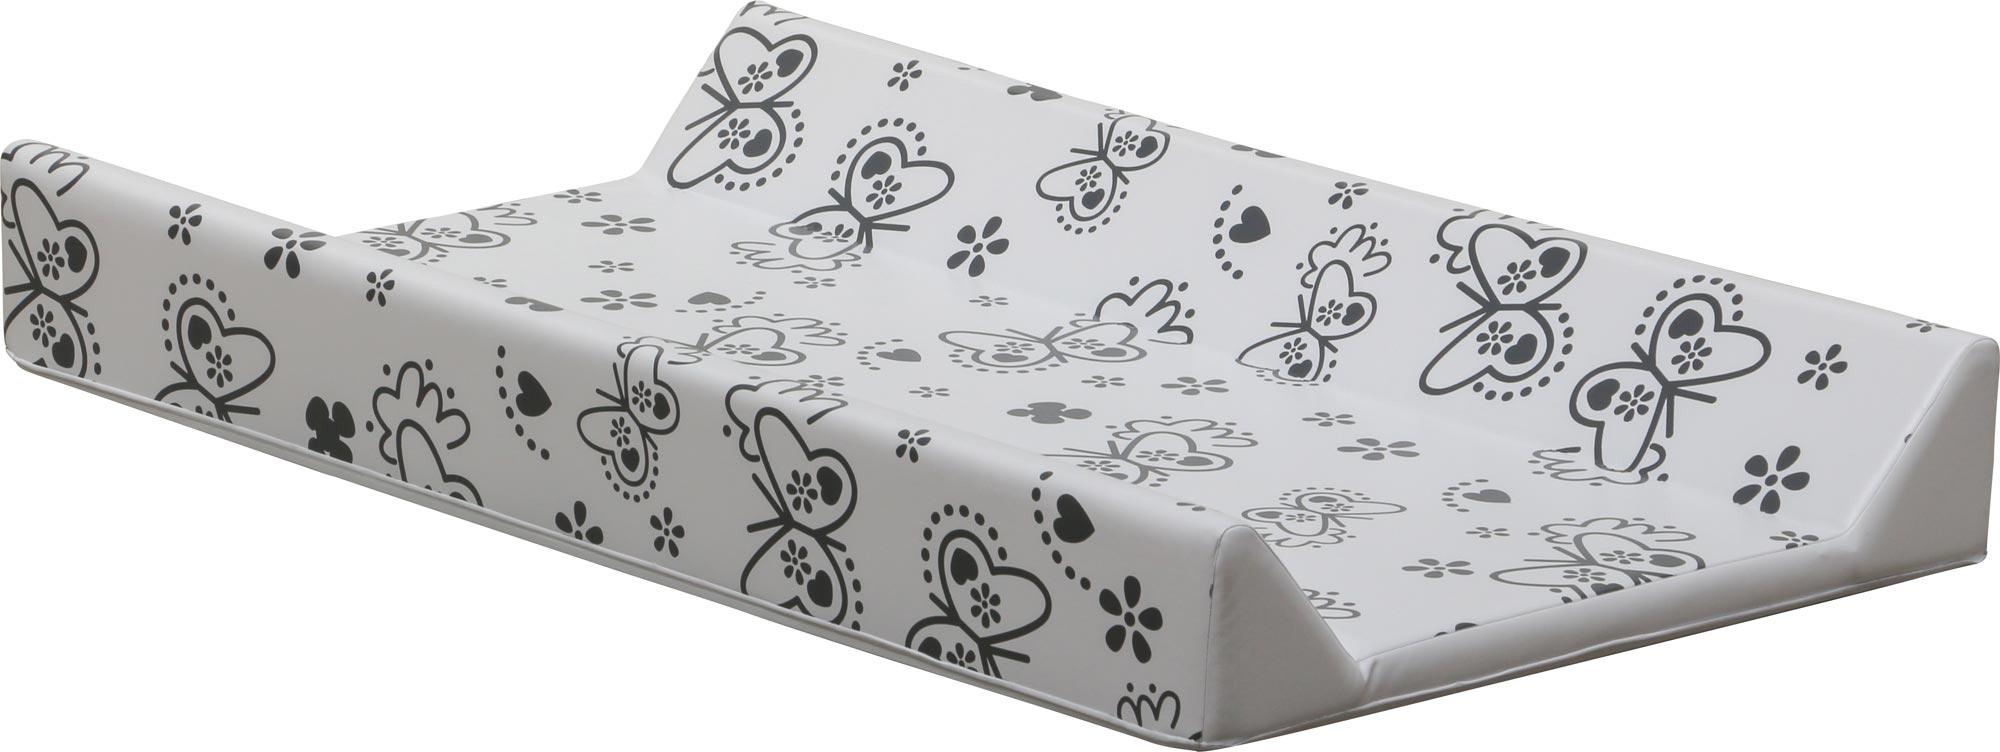 matelas langer 7 d cors coussin b b meuble laver tapis enfants conseil ebay. Black Bedroom Furniture Sets. Home Design Ideas